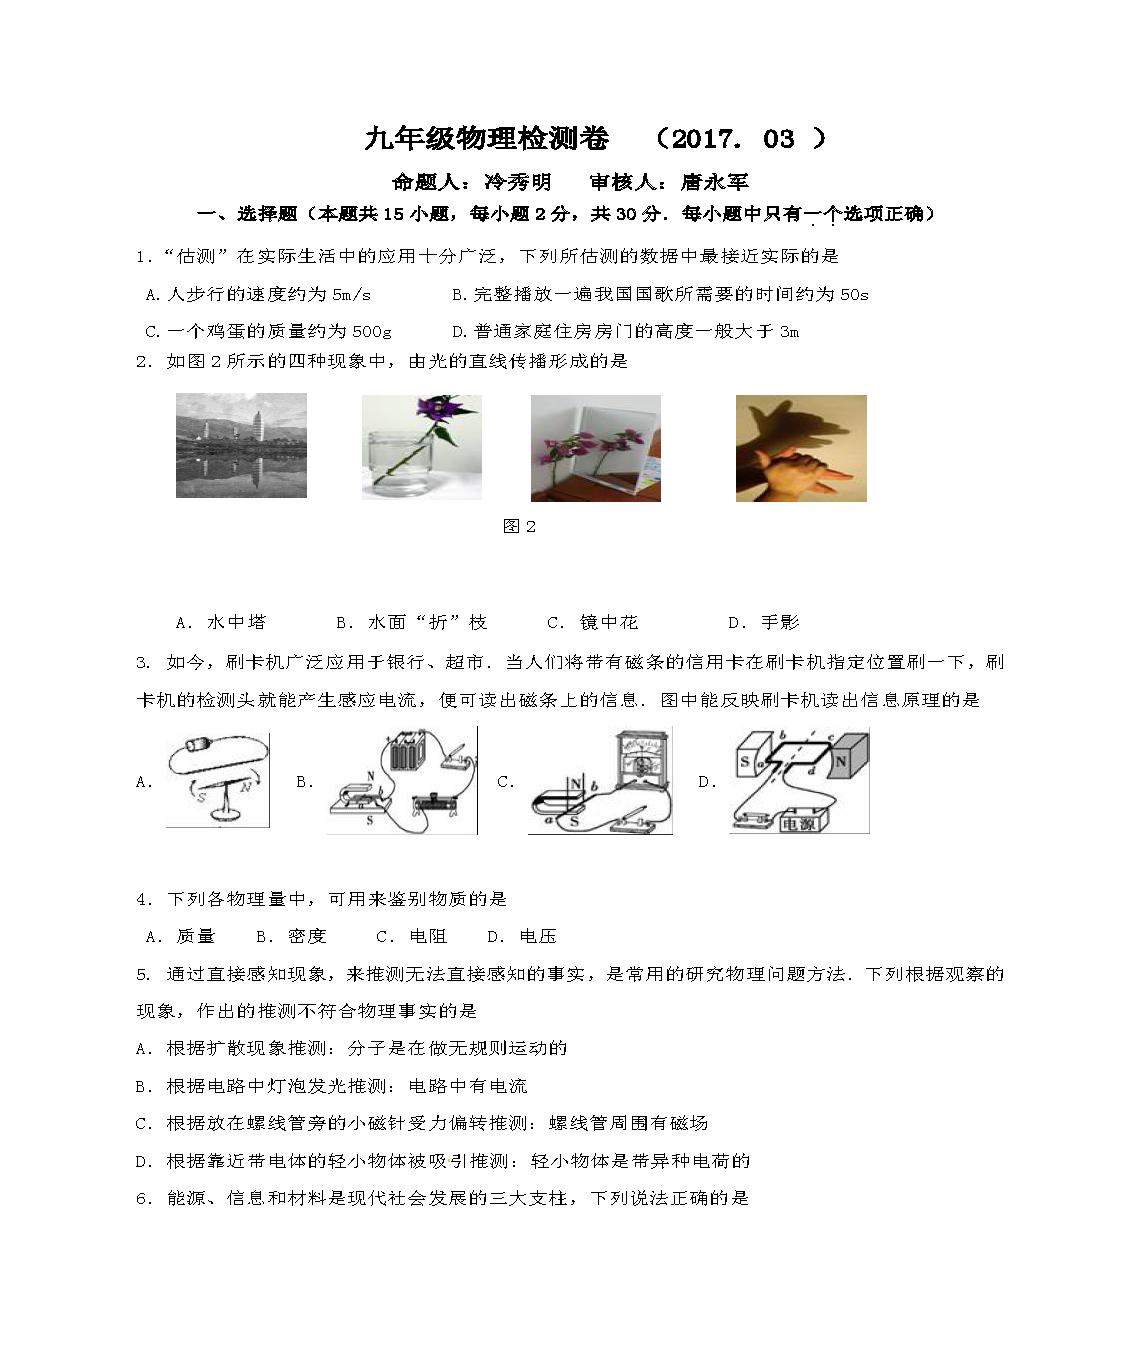 江苏镇江丹阳实验学校2017九年级3月月考物理试题(Word版)